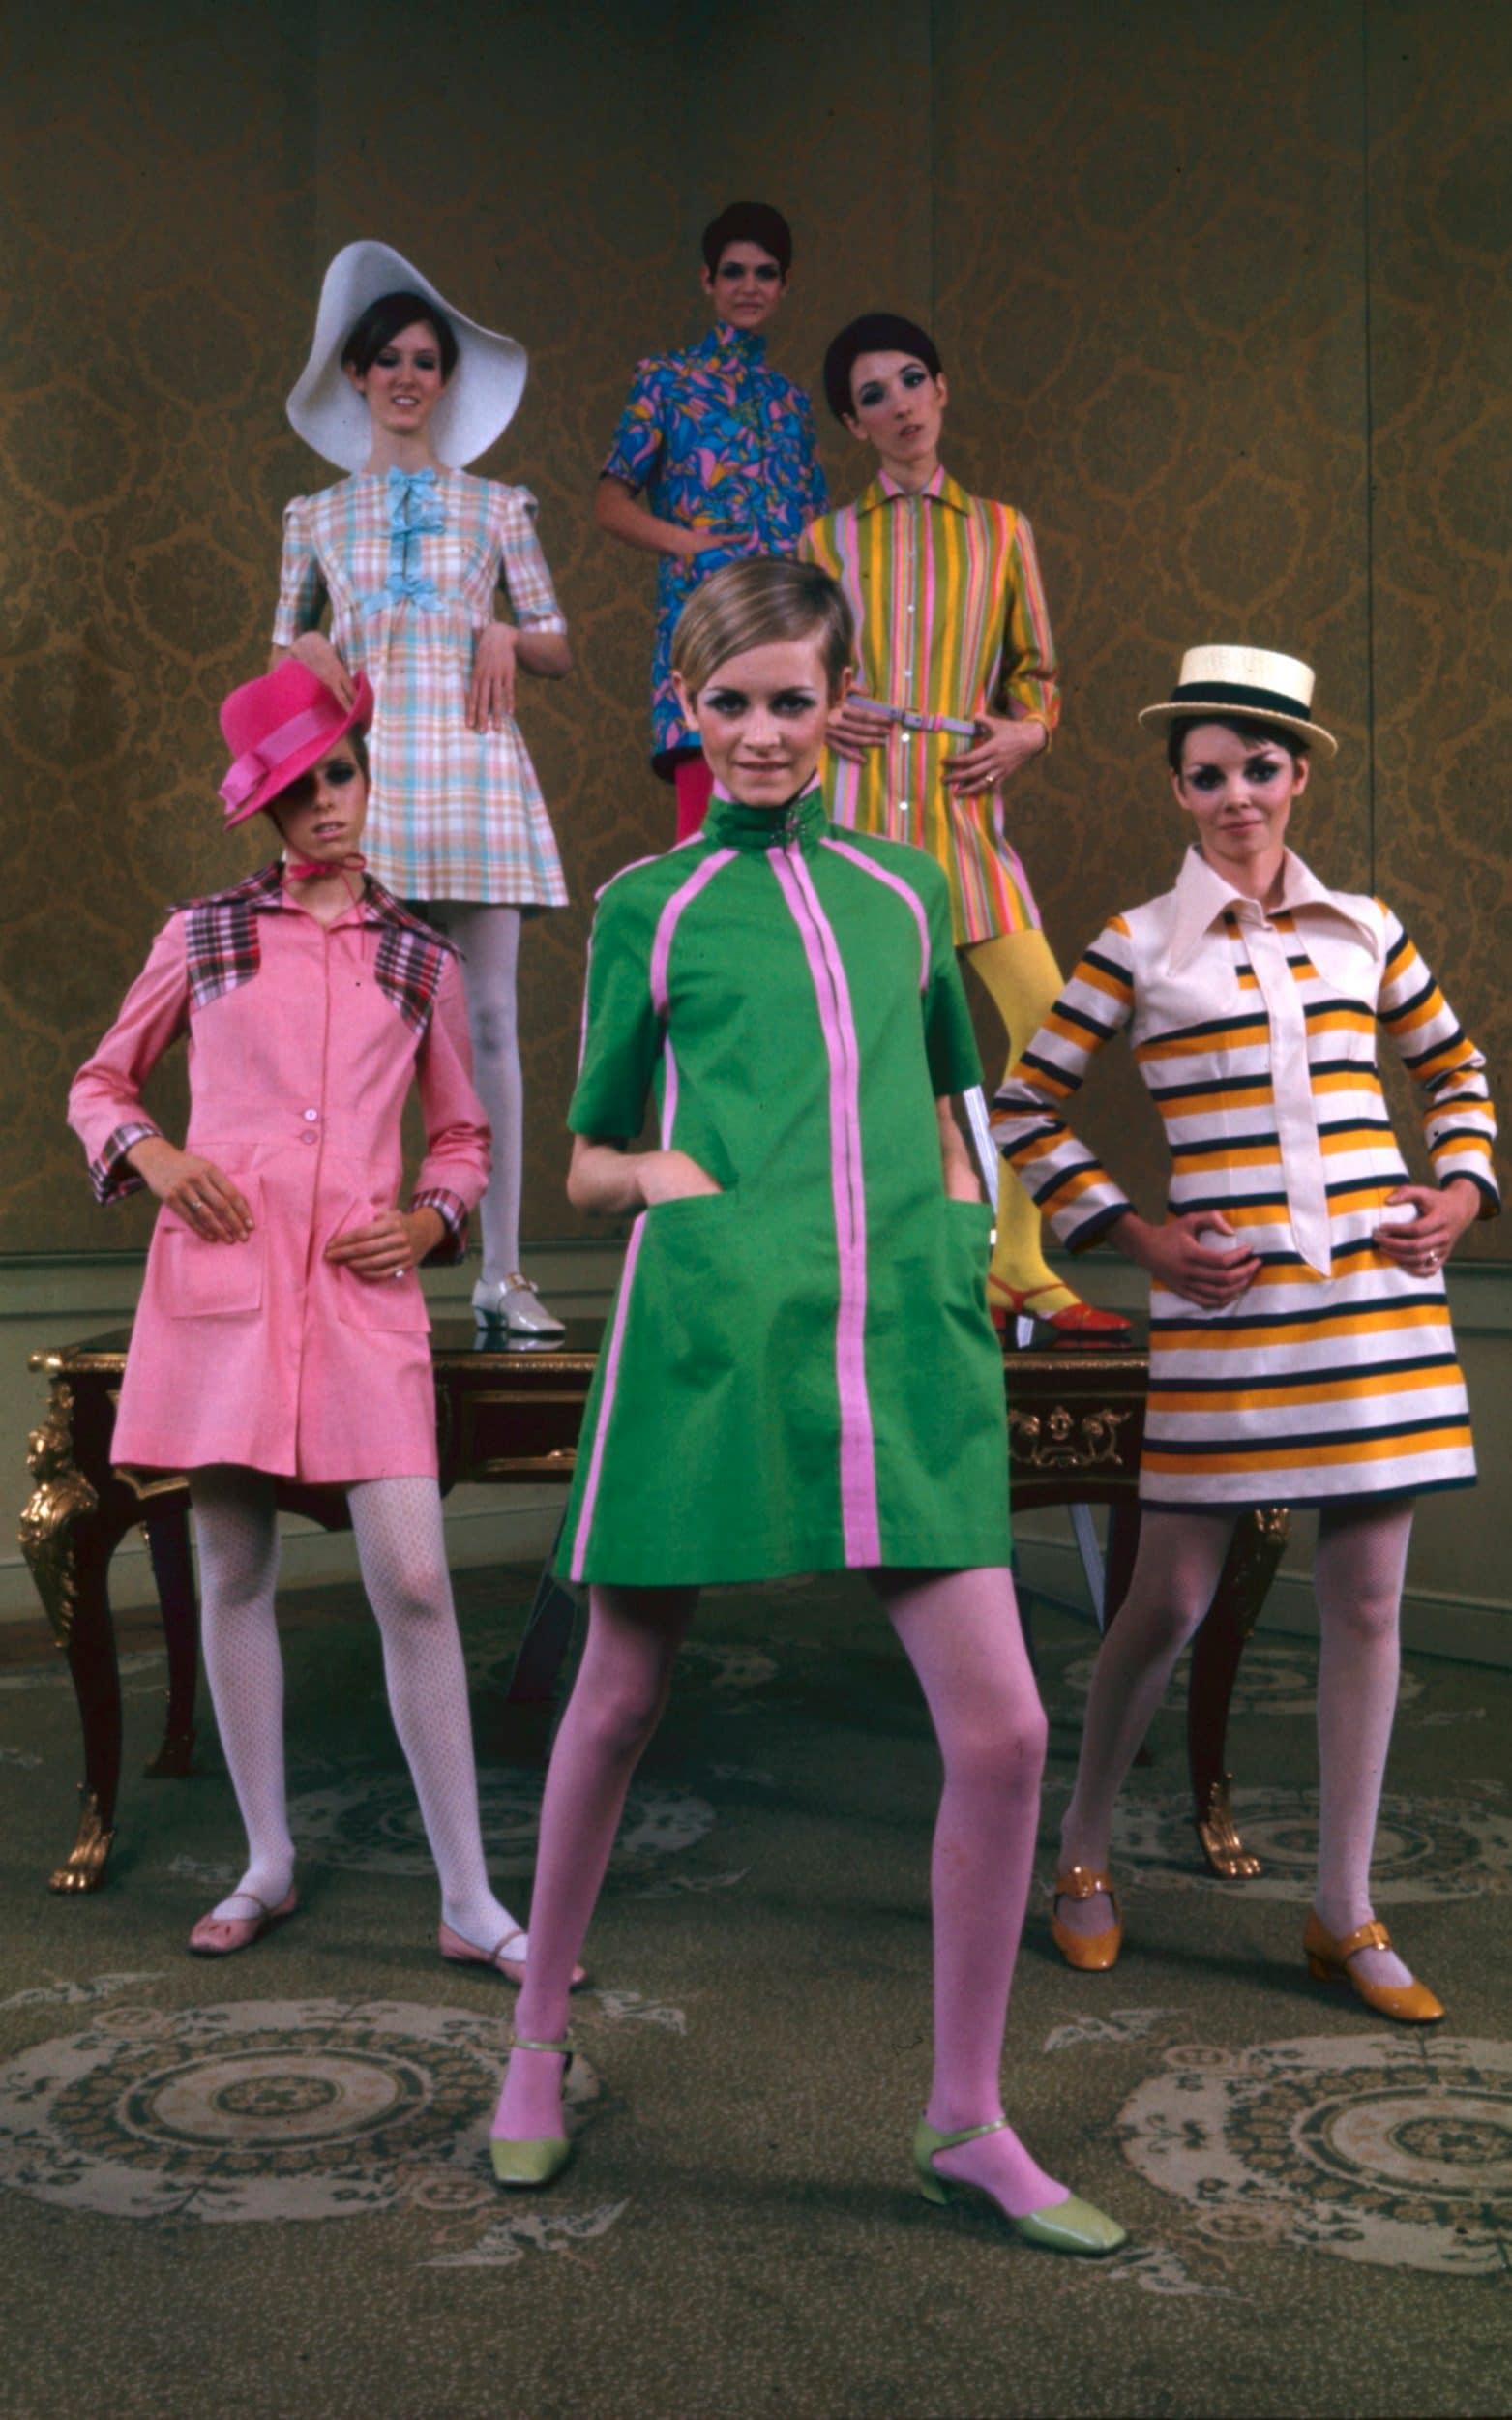 Tượng đài thời trang thập niên 60 Twiggy nổi tiếng với những chiếc đầm suôn ngắn và tất chân màu sắc